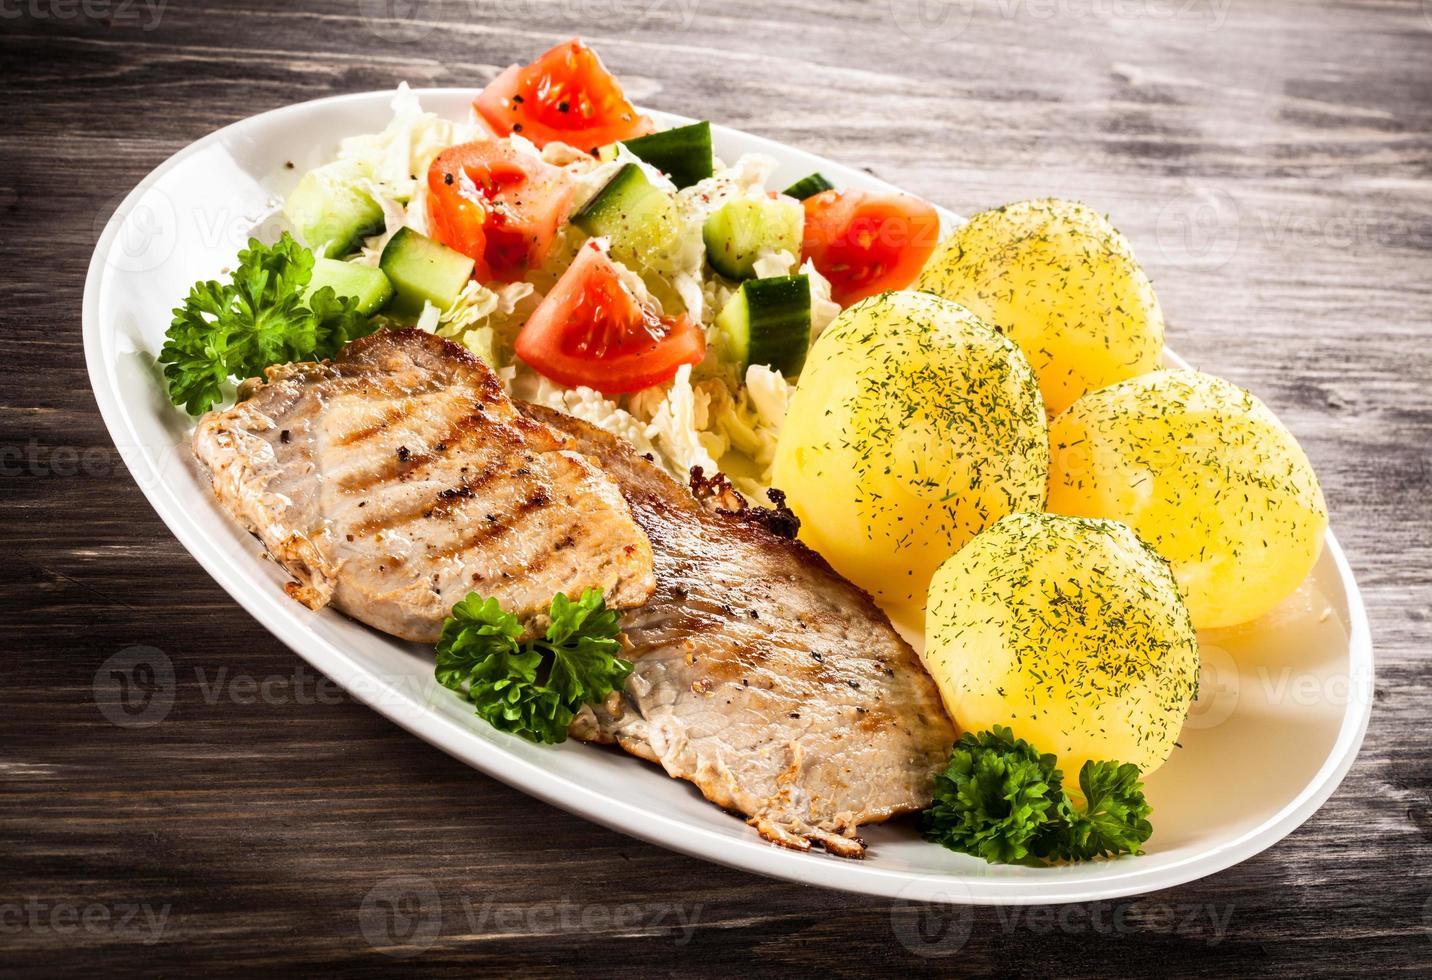 grillad biff, kokta potatis och grönsaker på träbakgrund foto